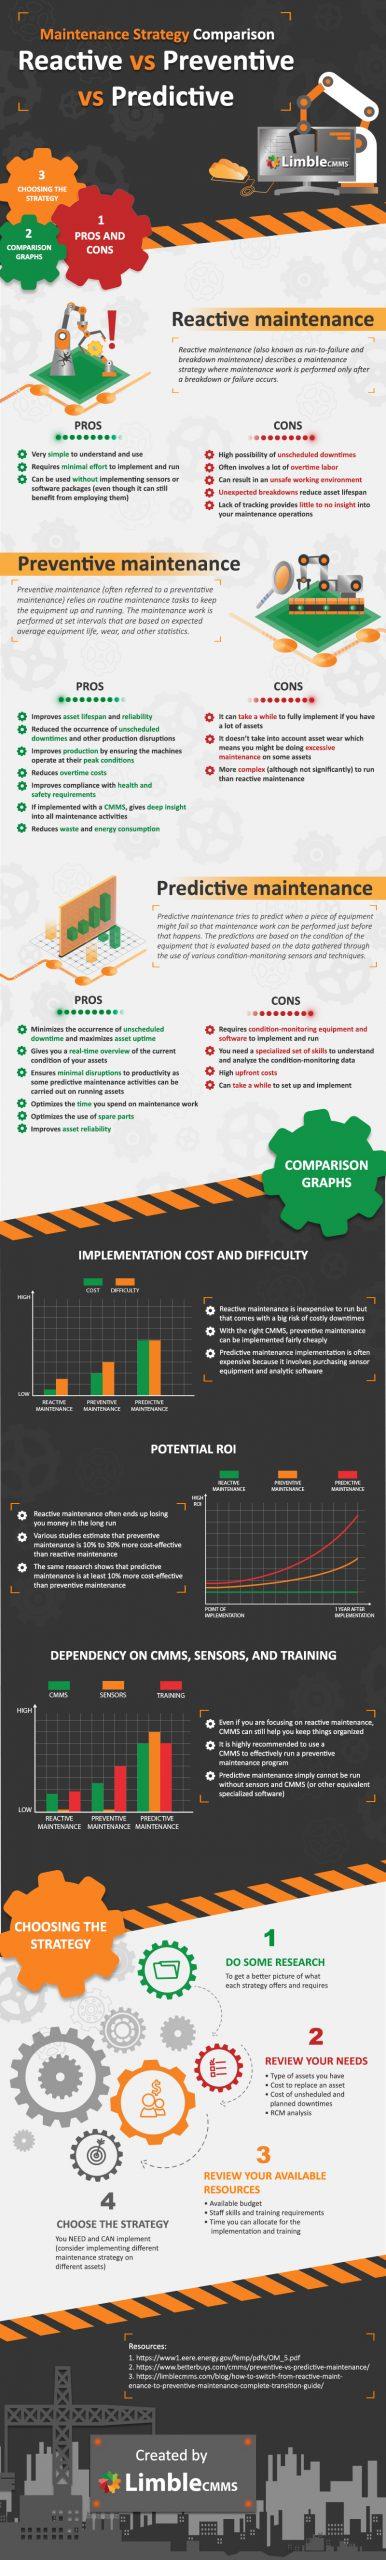 Reactive vs Preventive vs Predictive Maintenance